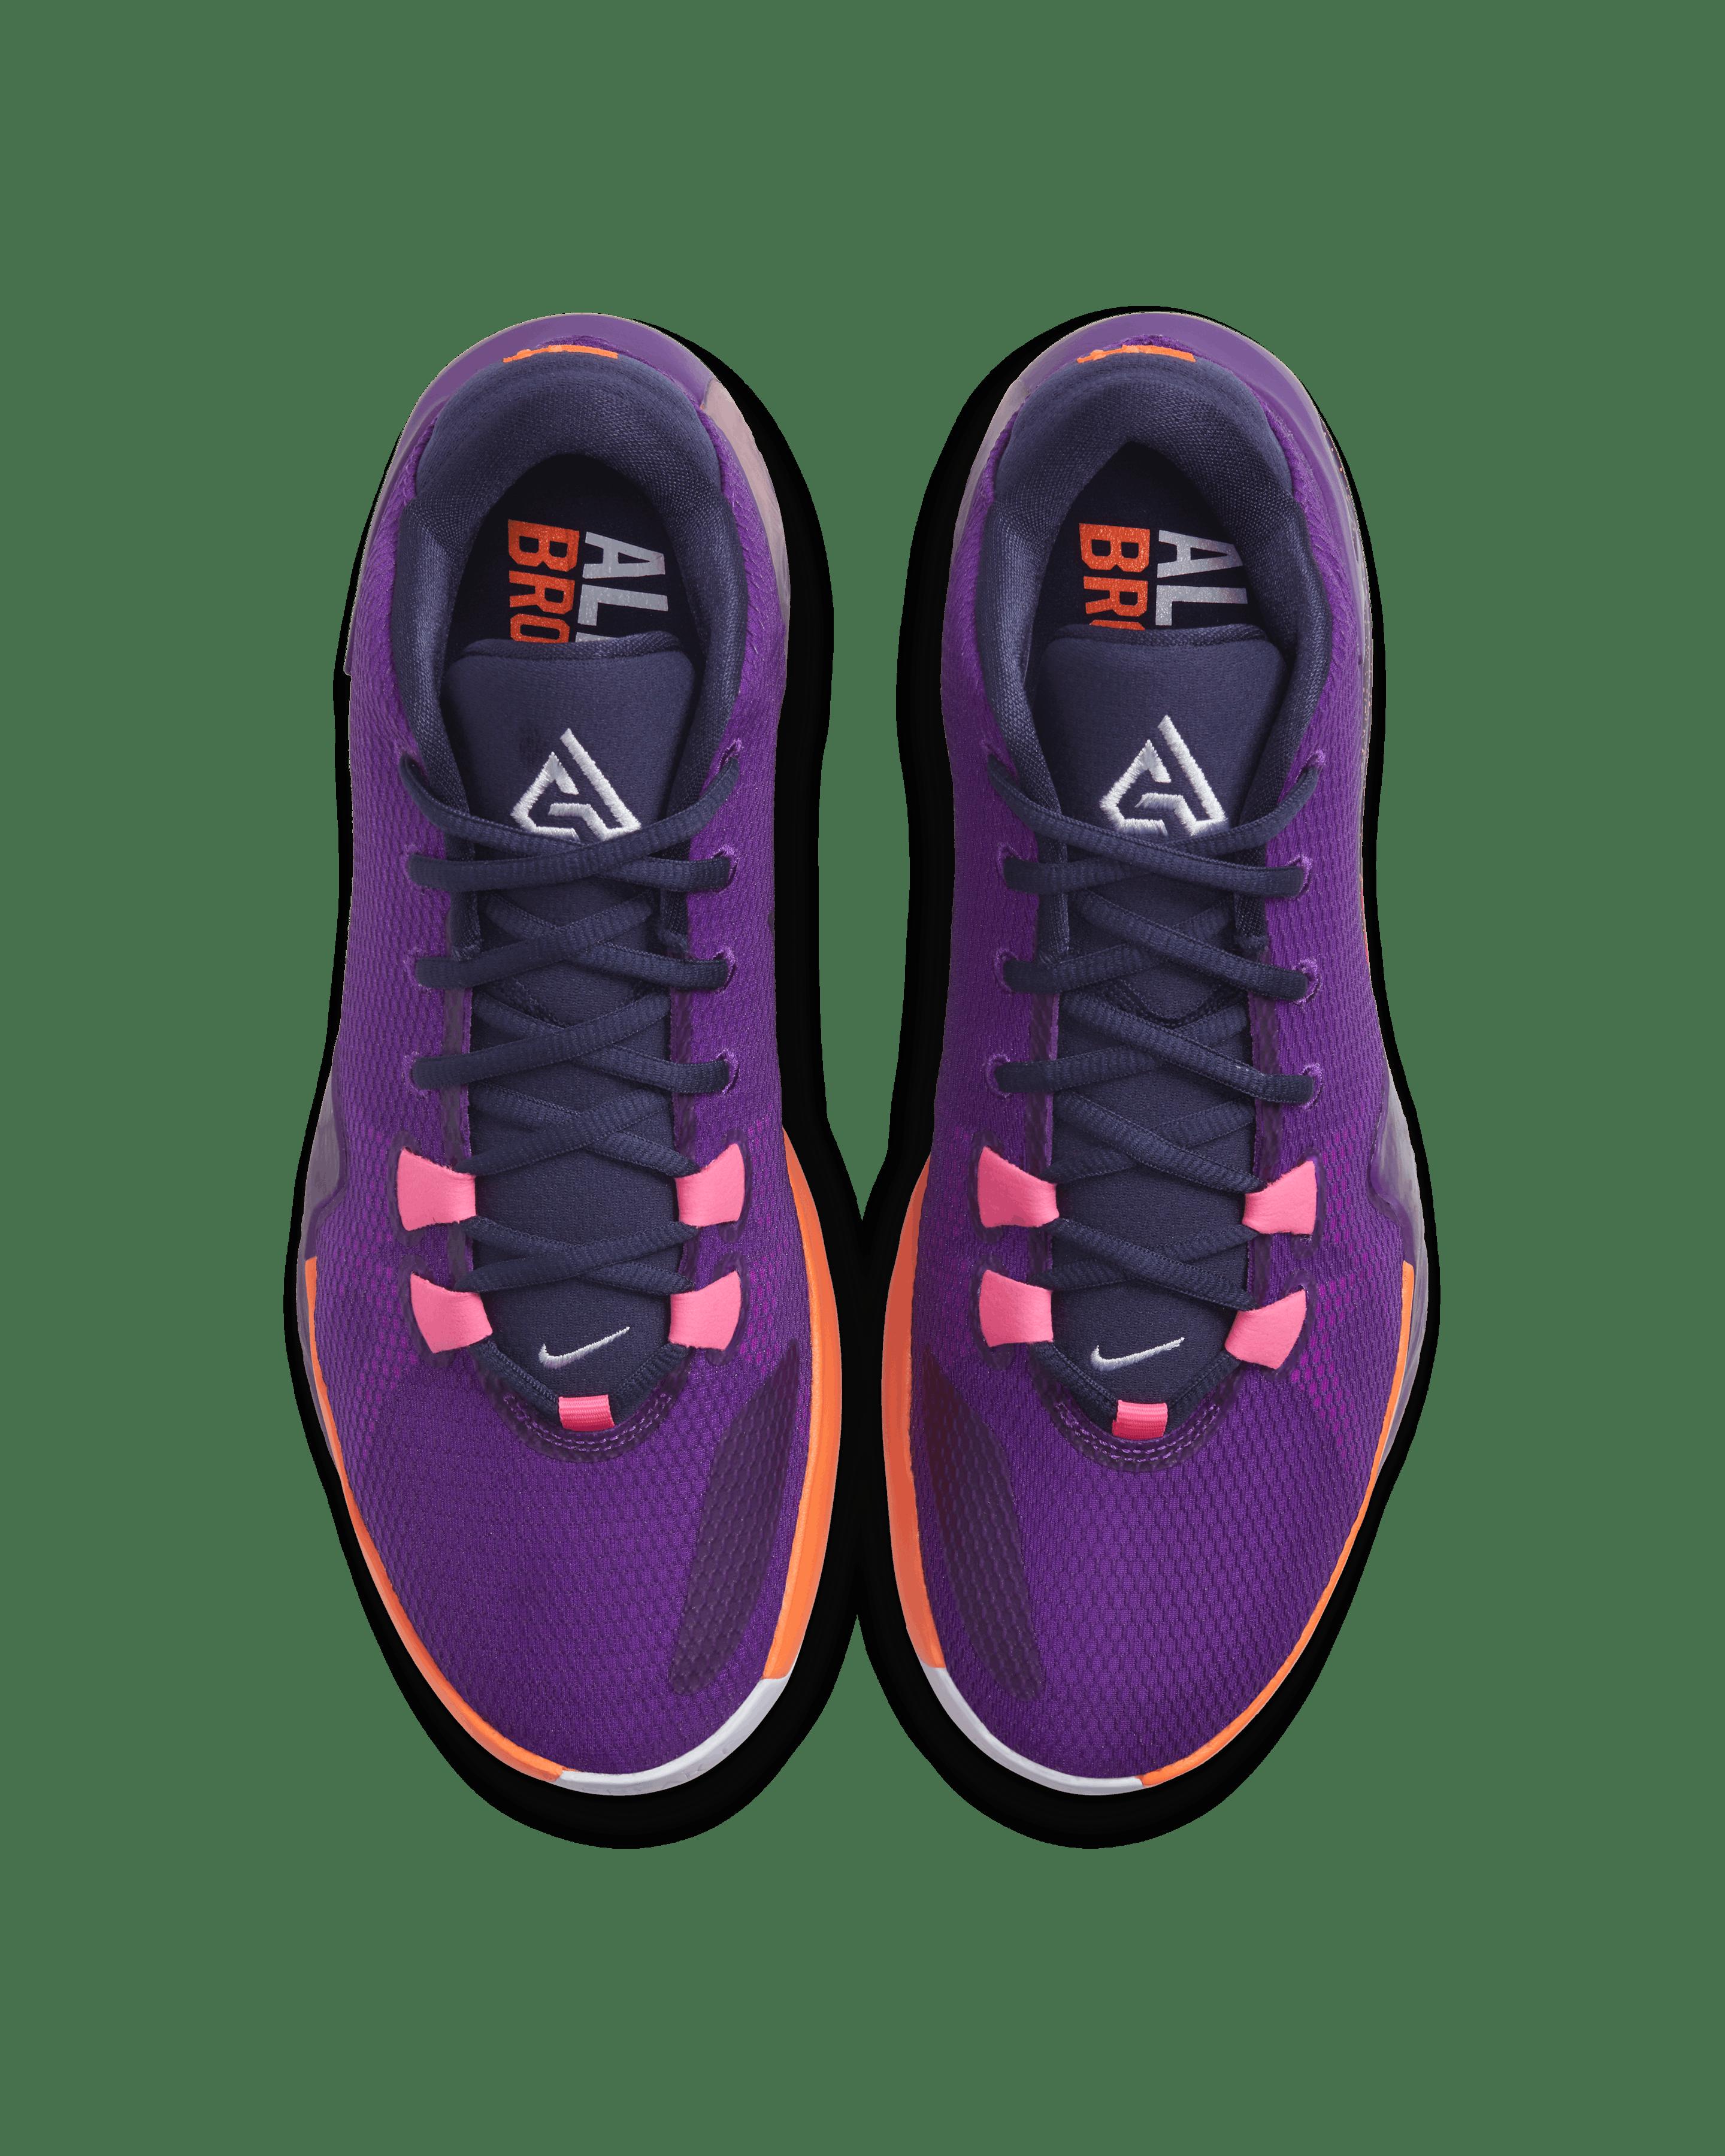 barrer Articulación Sentimiento de culpa  Nike to drop Zoom Freak 1 'All Bros 4' limited-edition sneakers in ...